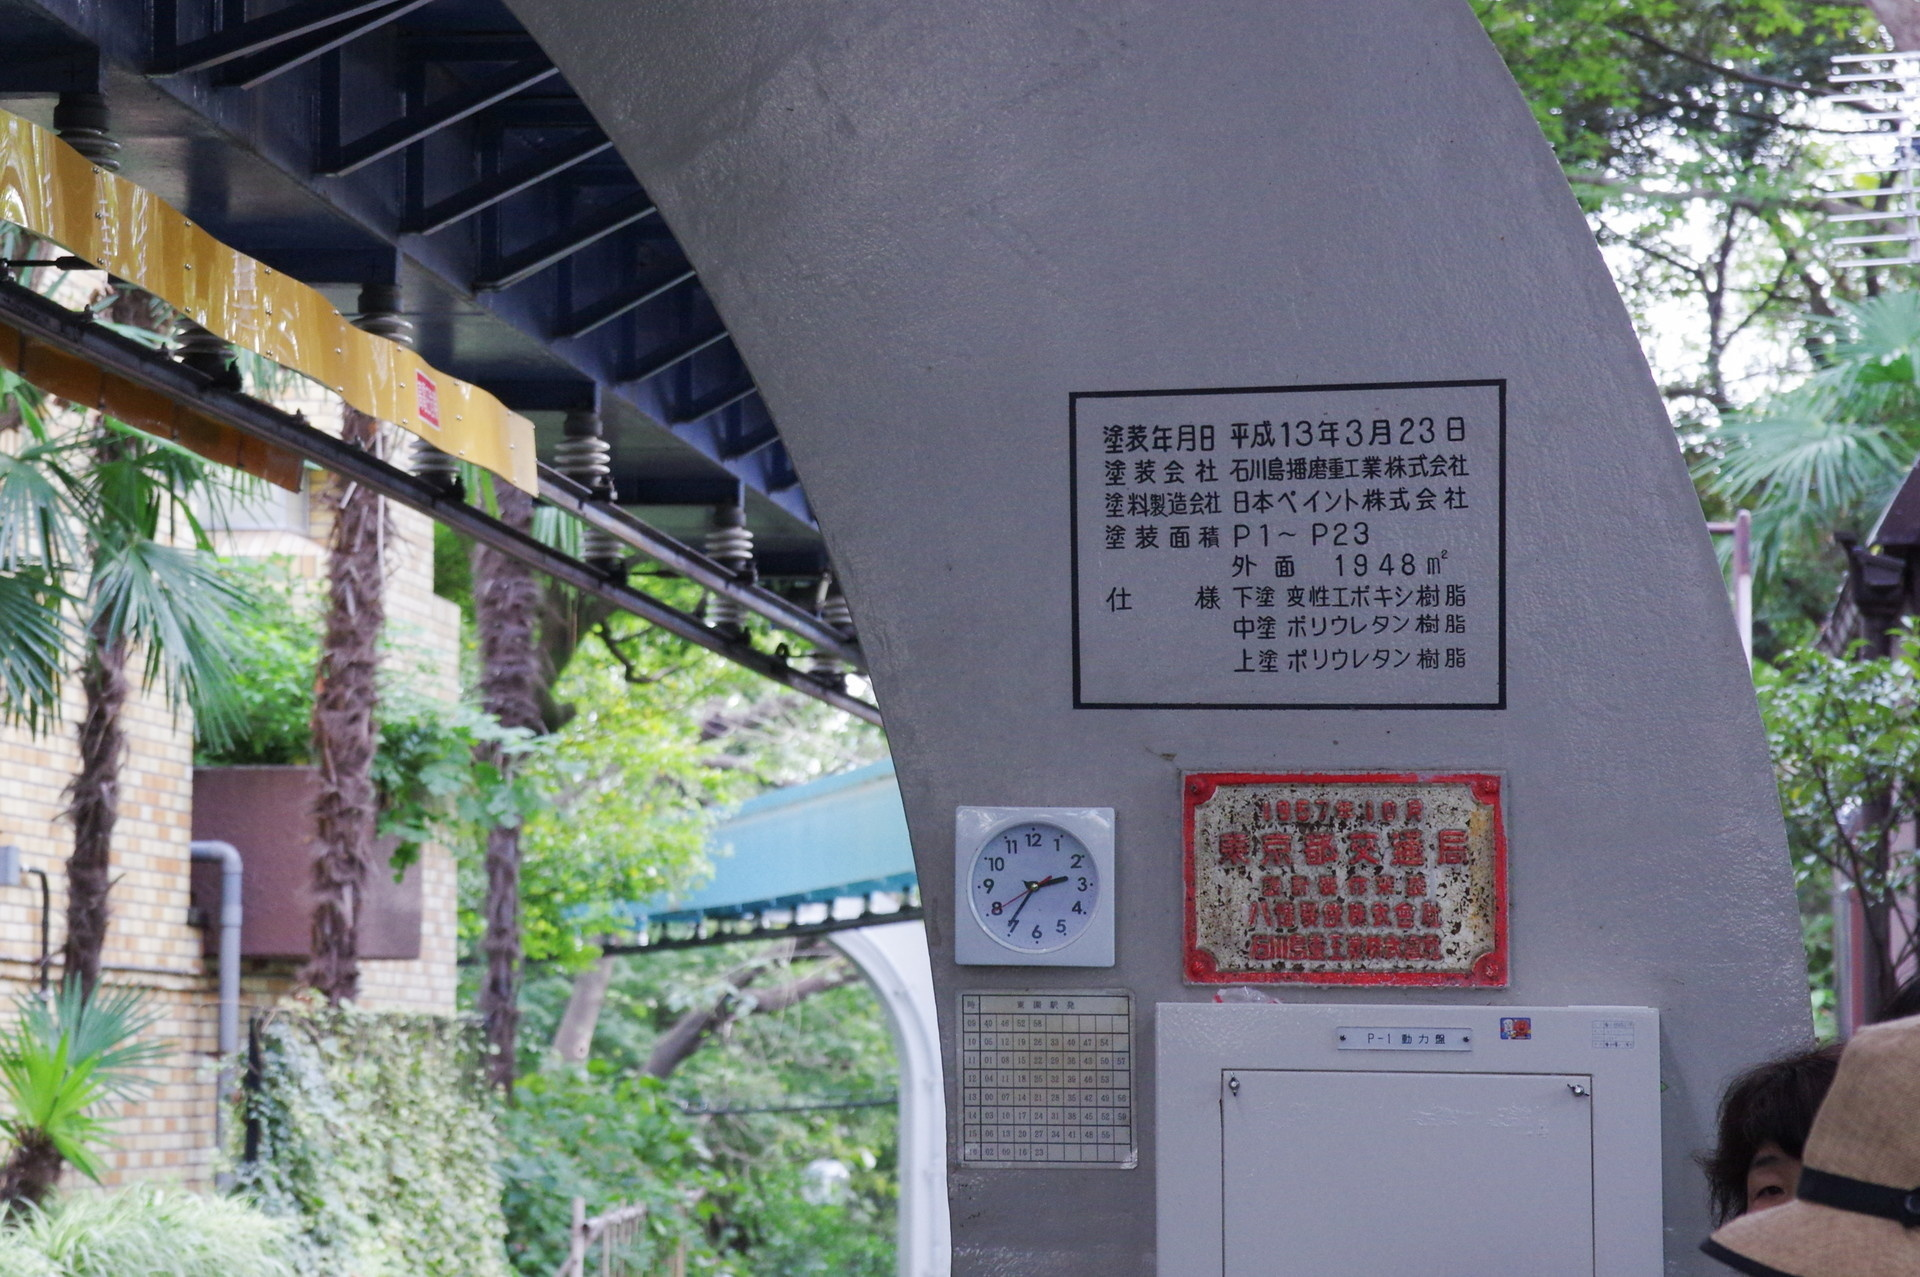 3番橋脚の塗装標記